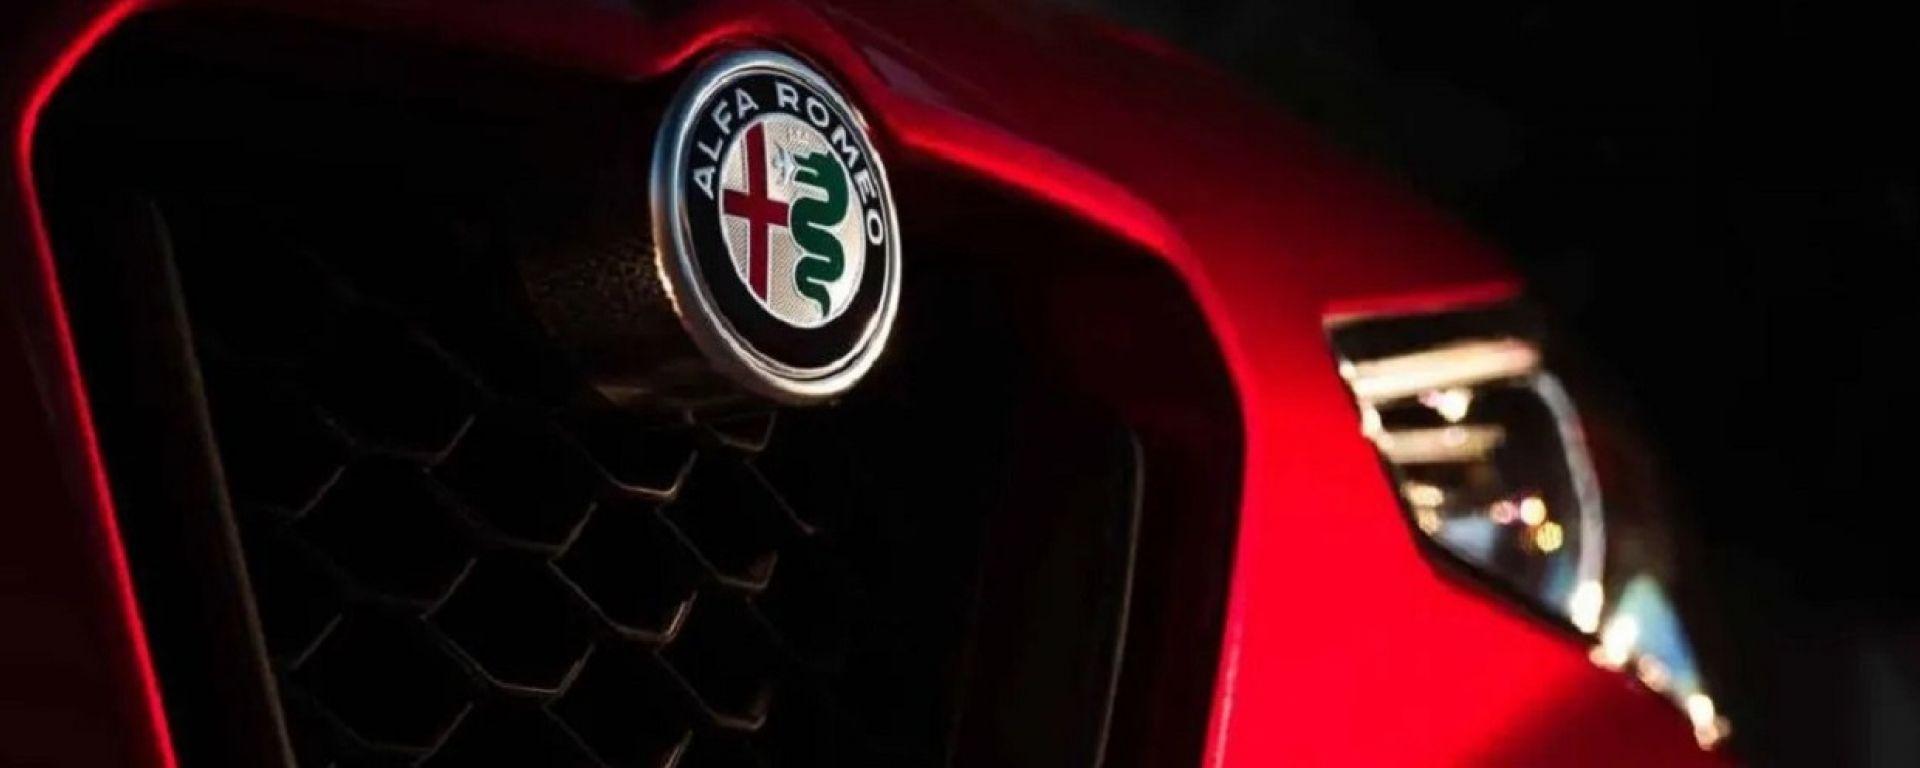 """Alfa Romeo, parla Tavares: """"Ecco dove dobbiamo migliorare"""""""